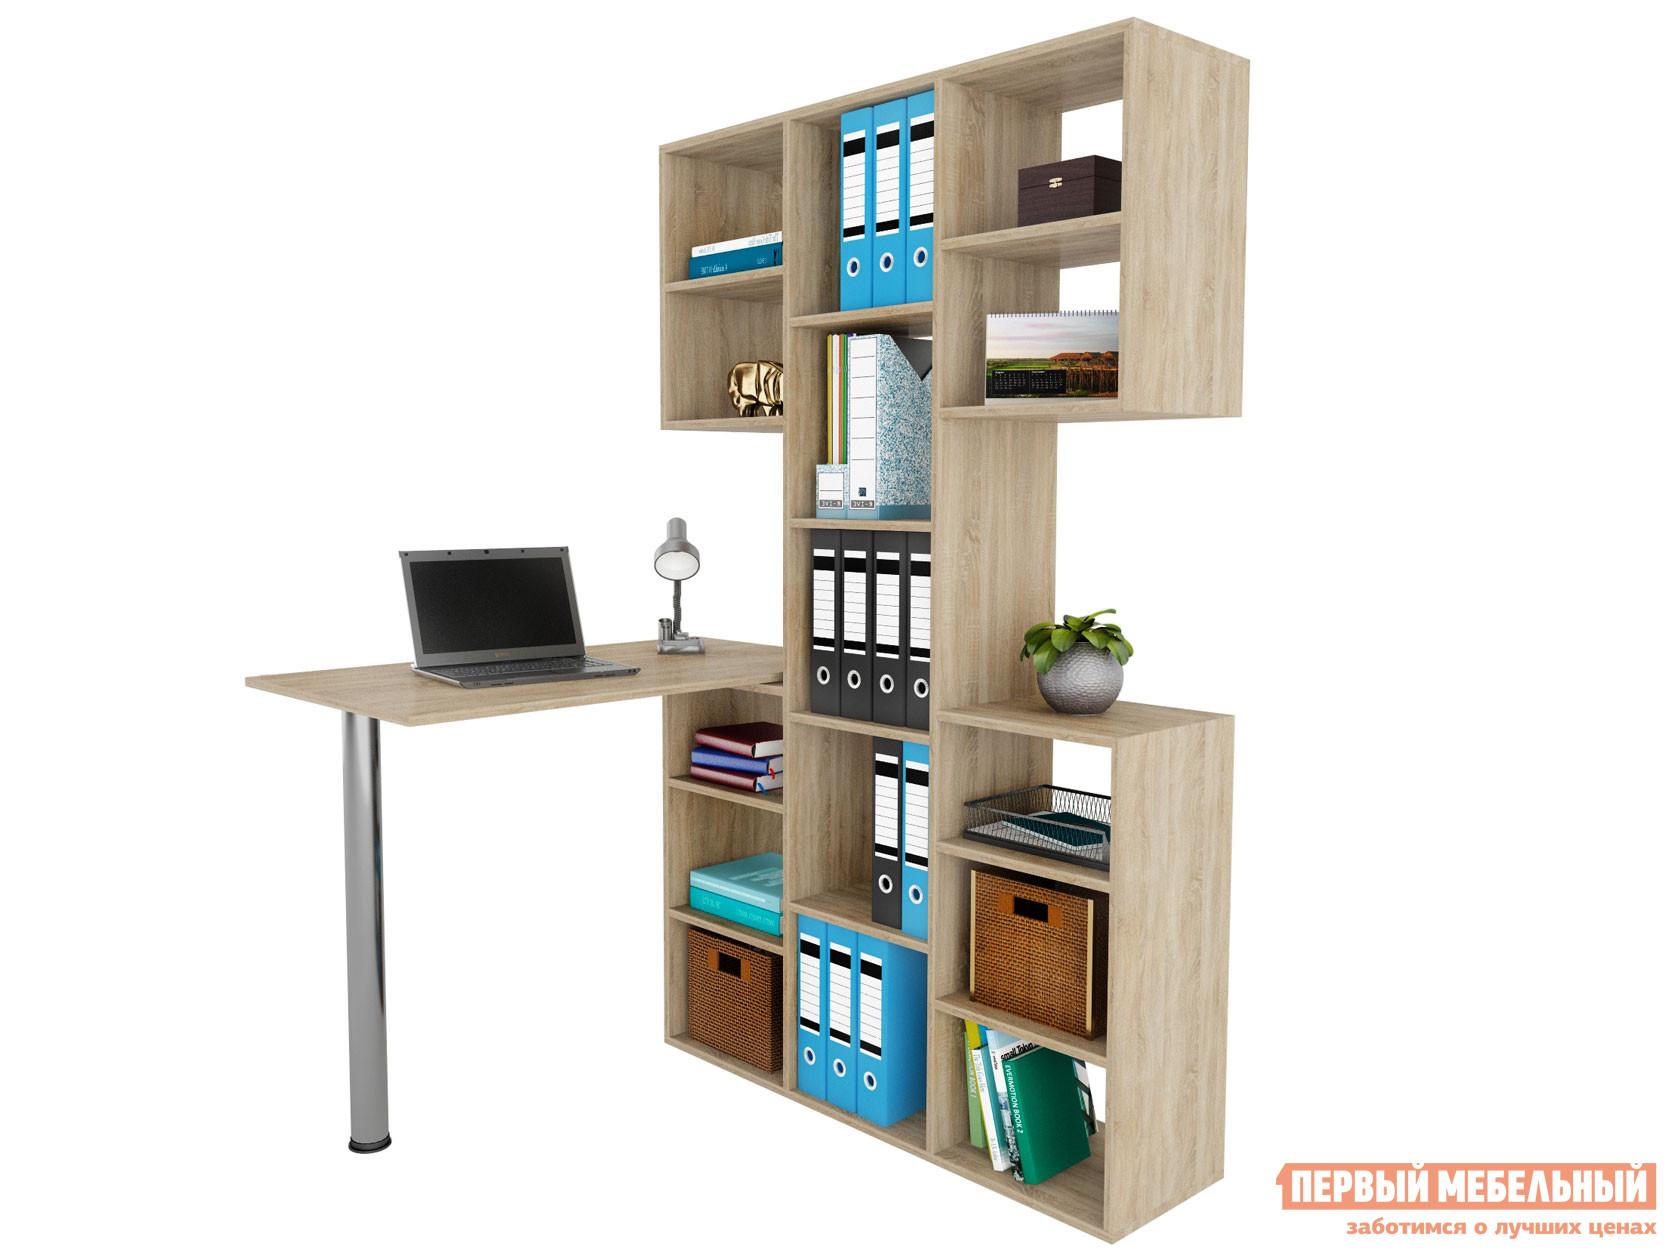 Угловой компьютерный стол МФ Мастер Рикс-3 + Рикс-6 компьютерный стол мф мастер корнет 2 угловой